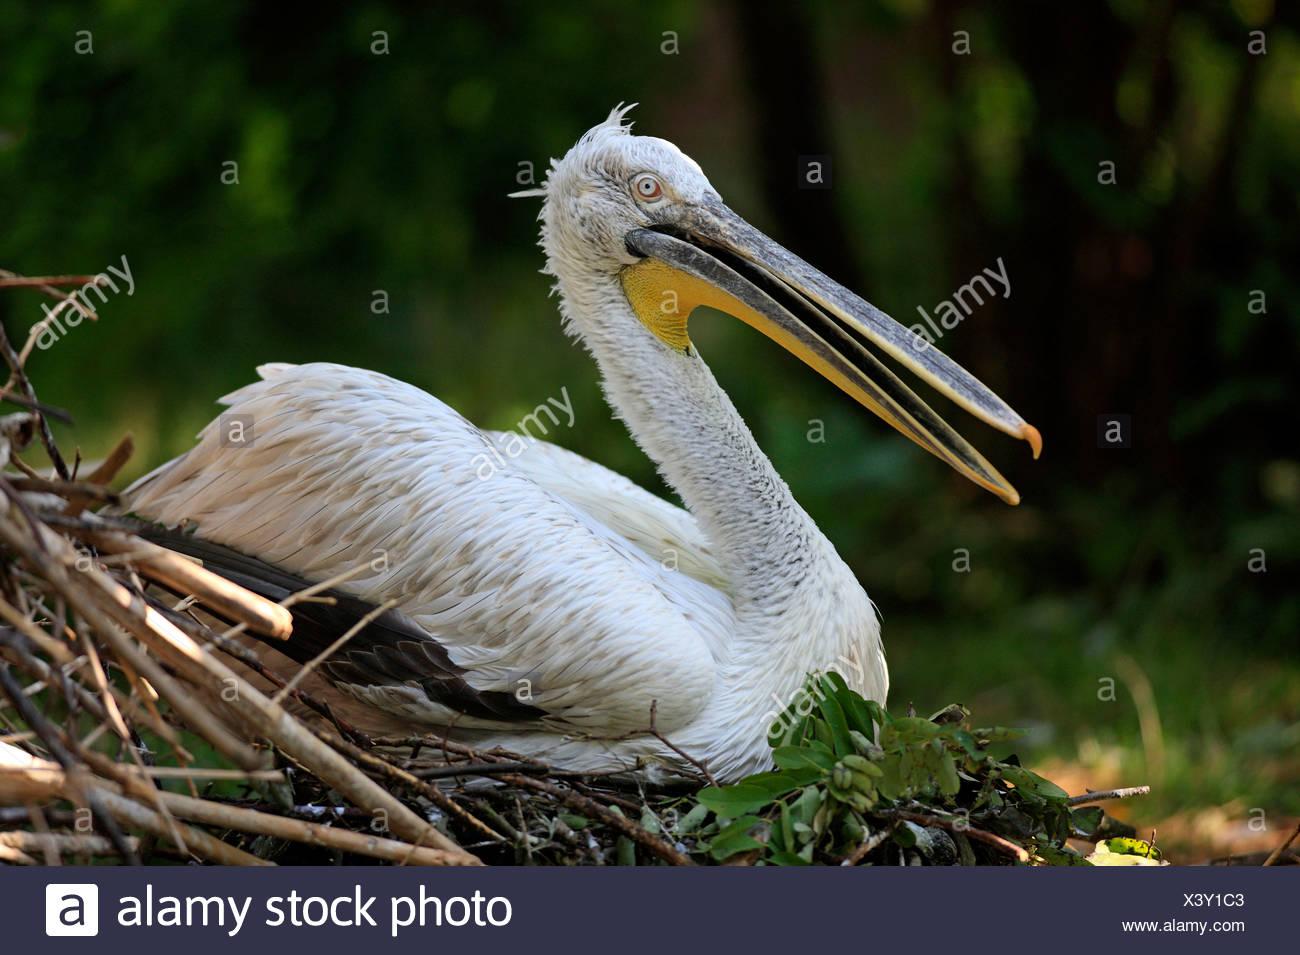 Dalmatian Pelican, on nest / (Pelecanus crispus) - Stock Image